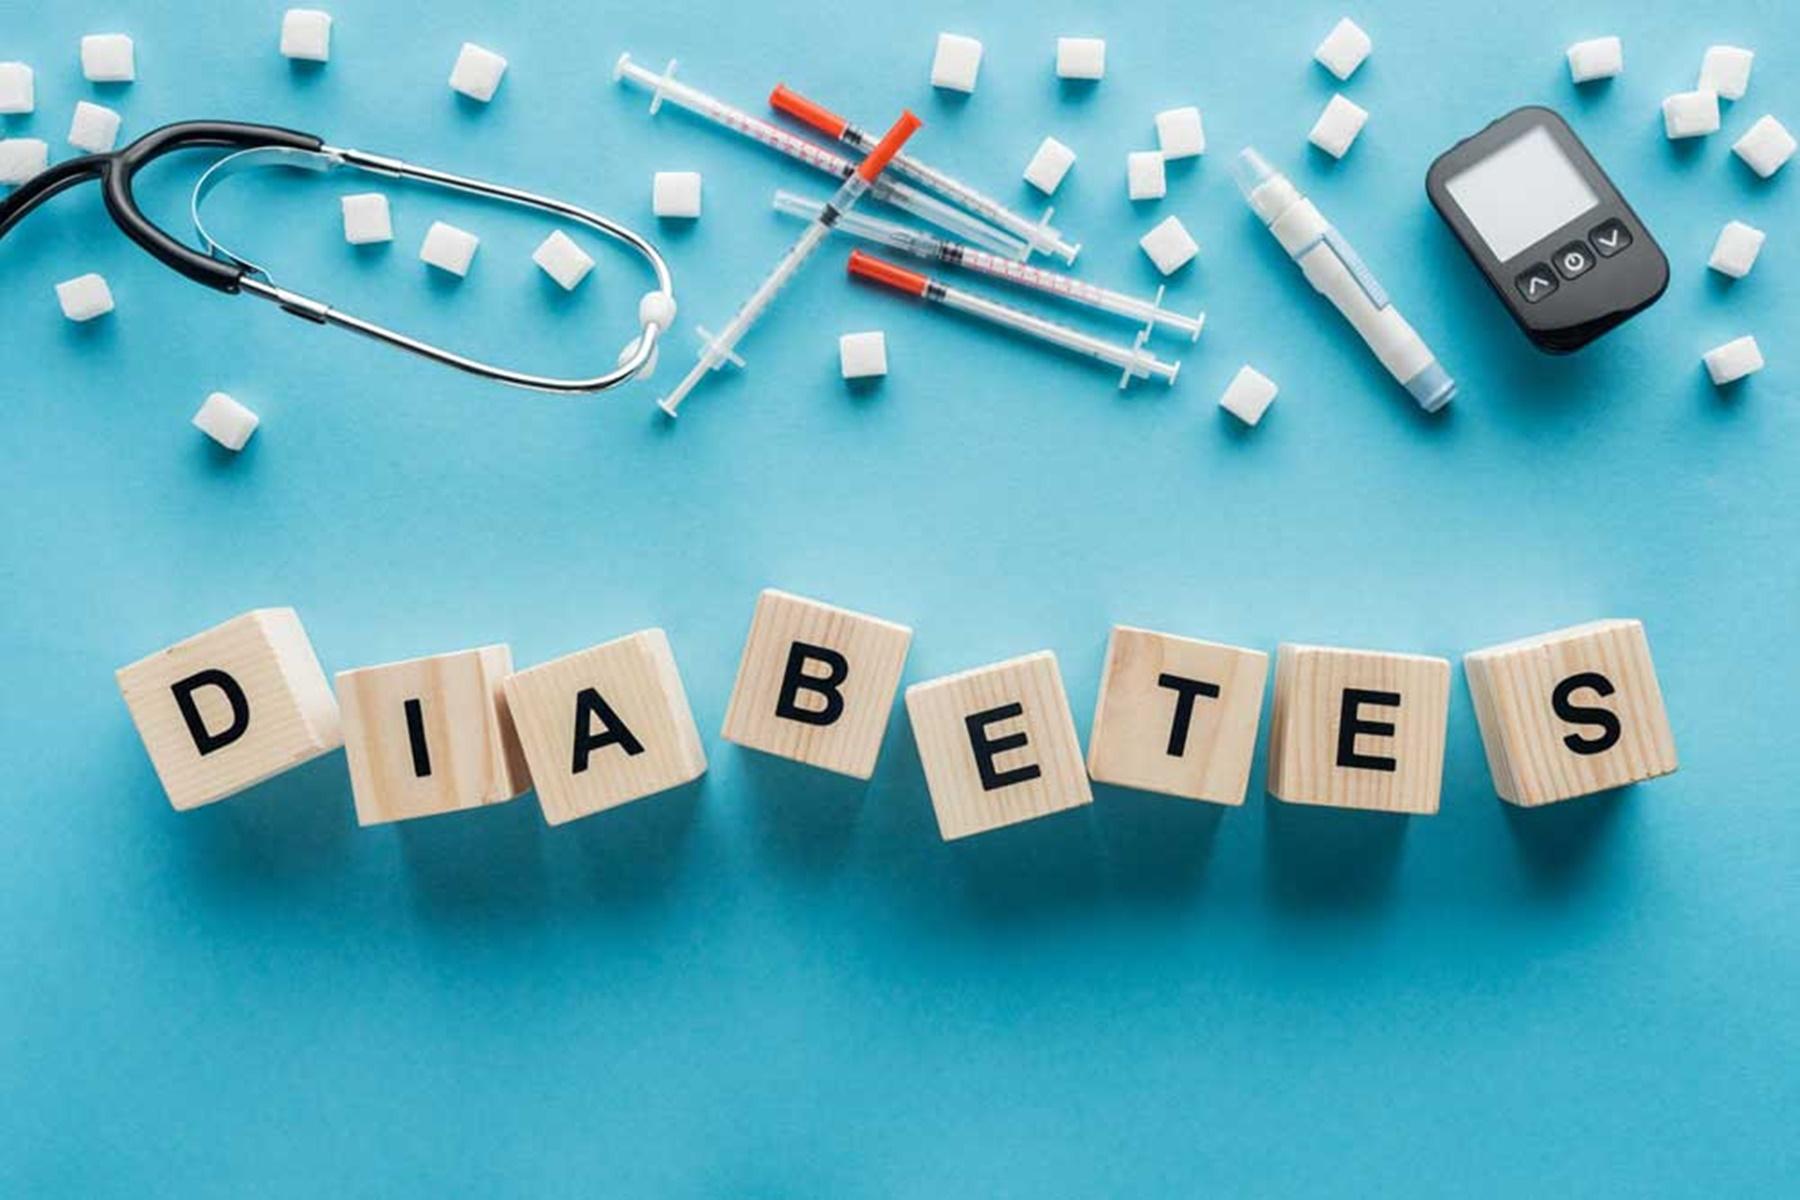 Διαβήτης : Συμβουλές για να τρέφεστε σωστά